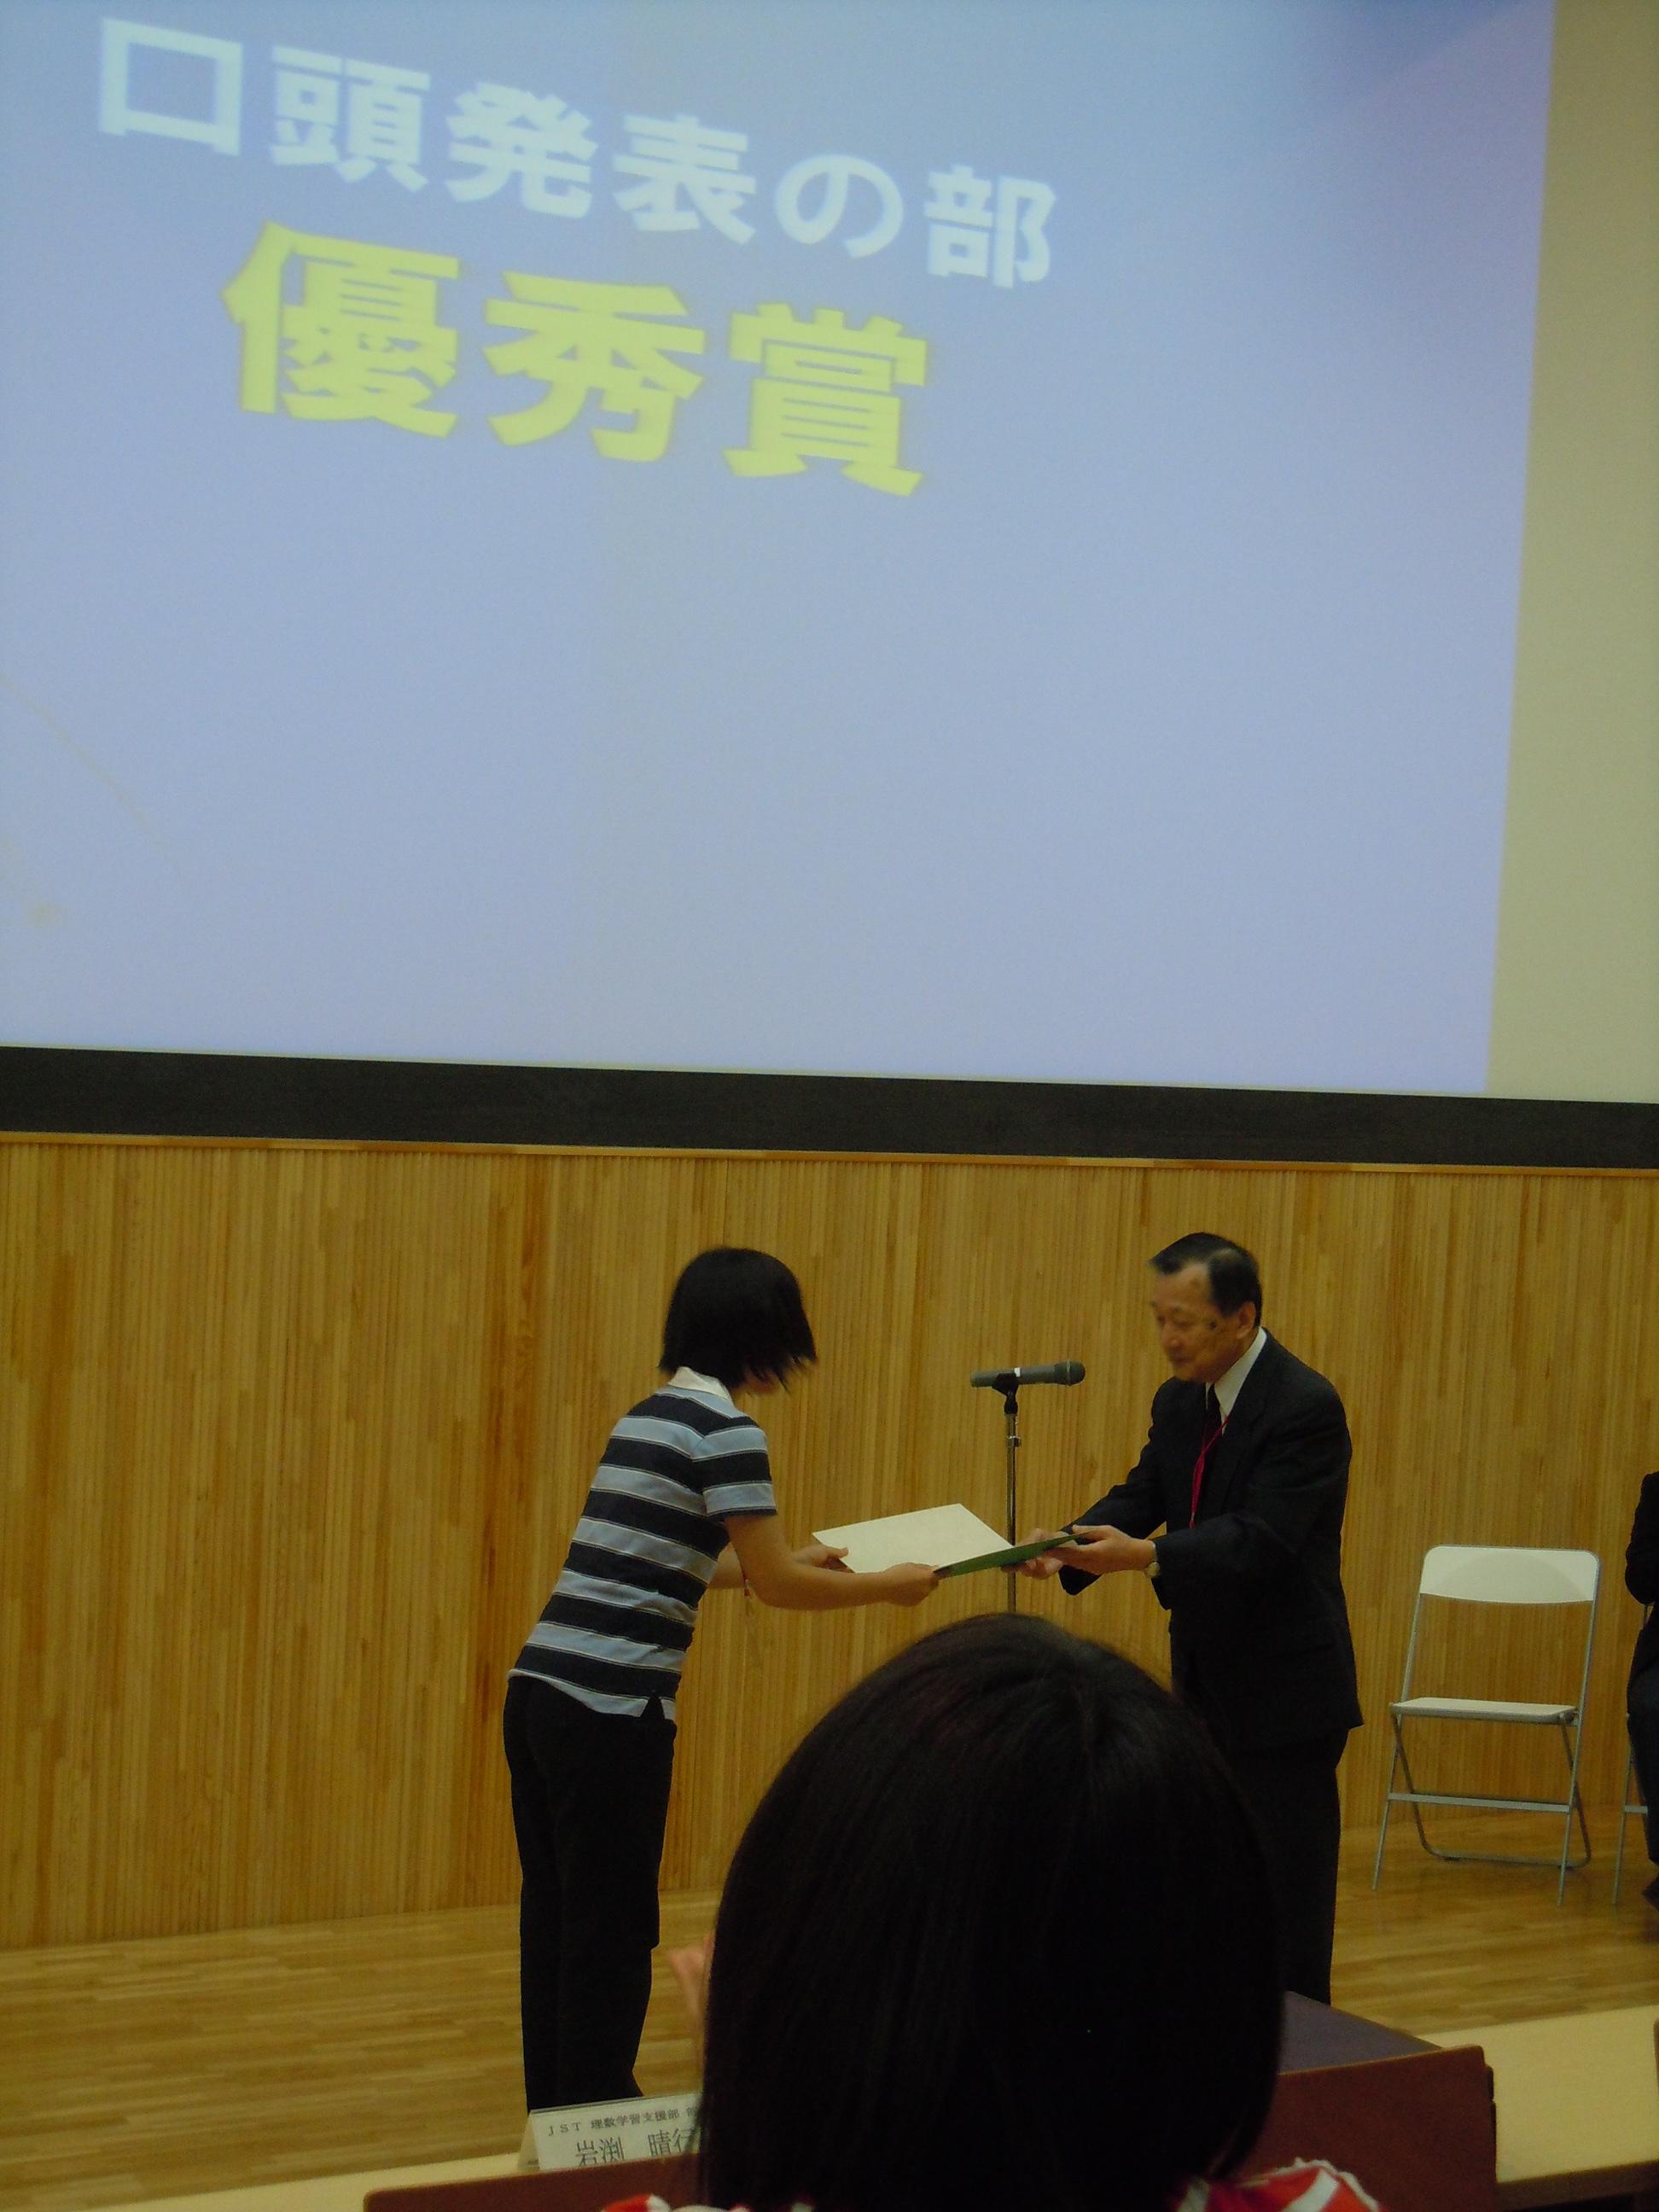 http://www.ige.tohoku.ac.jp/mirai/news/upload_items/201109/DSCN1194.JPG